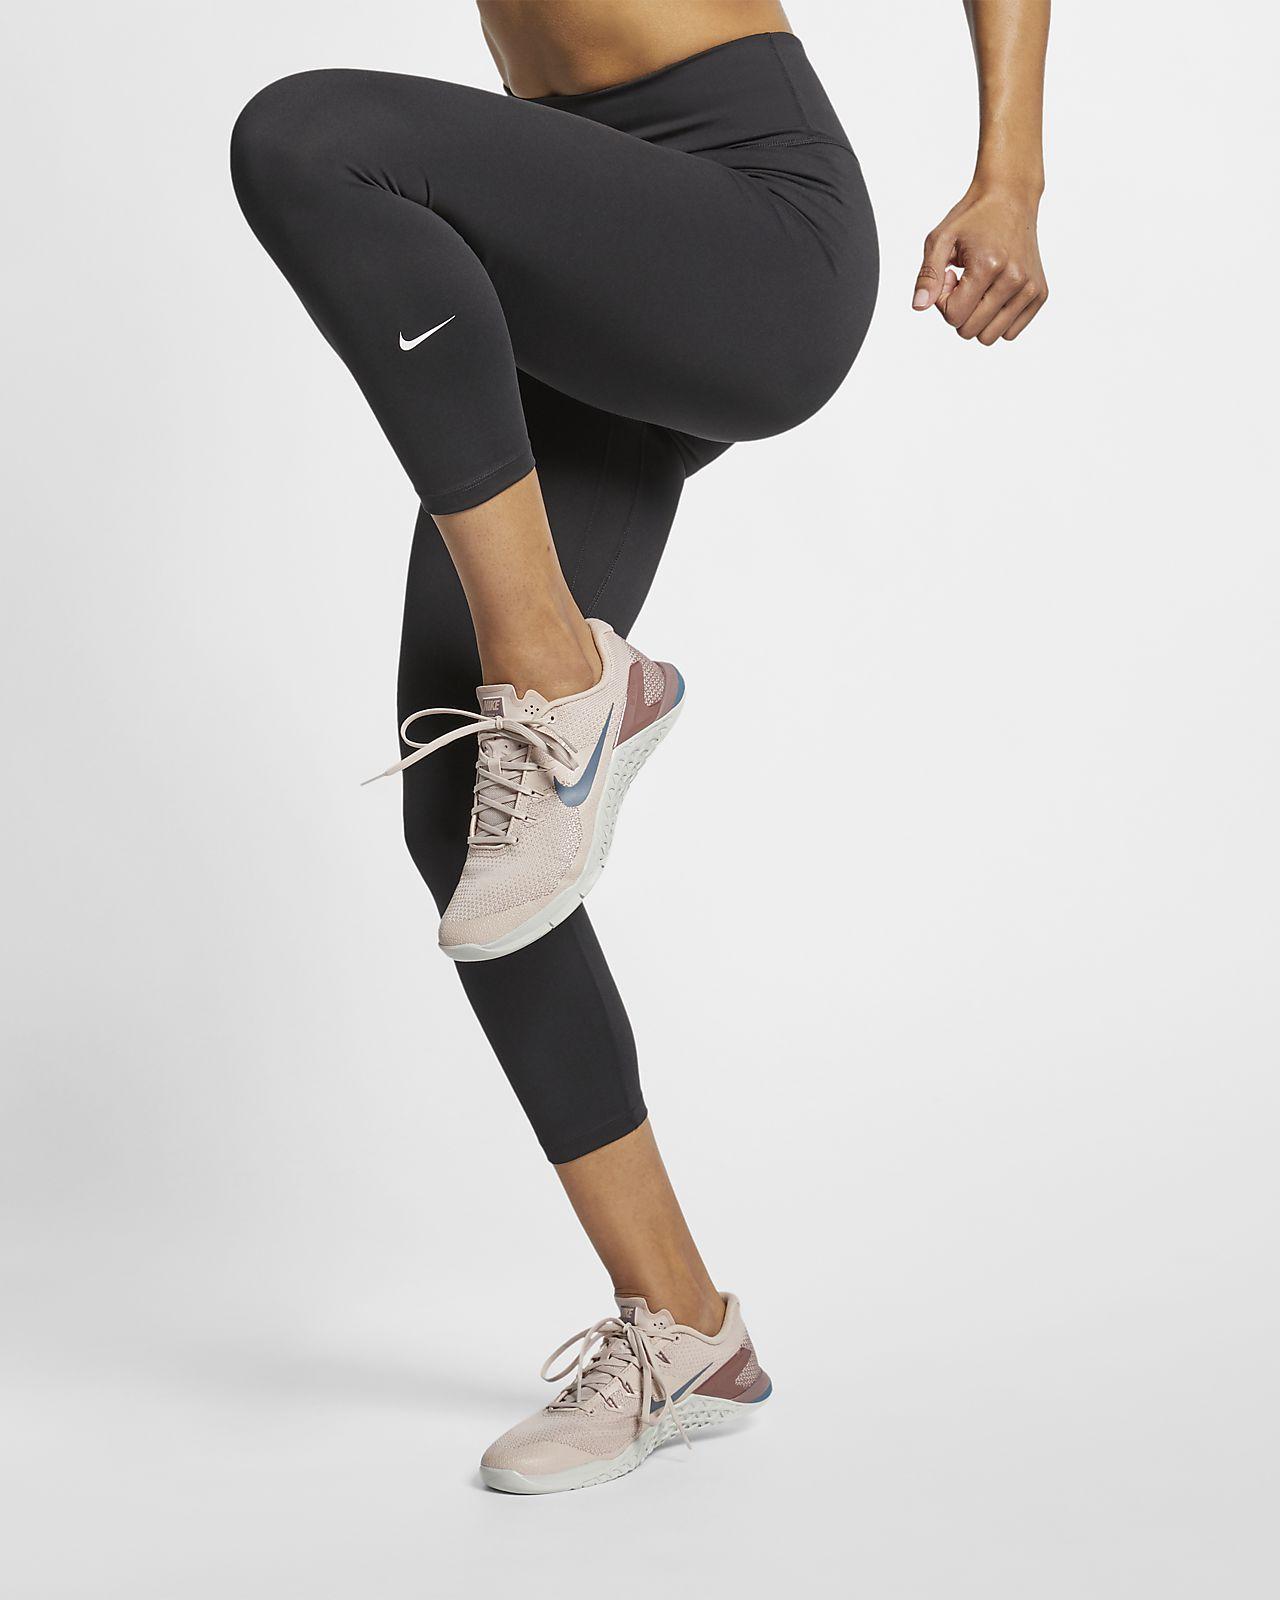 Γυναικείο μεσοκάβαλο παντελόνι crop Nike One